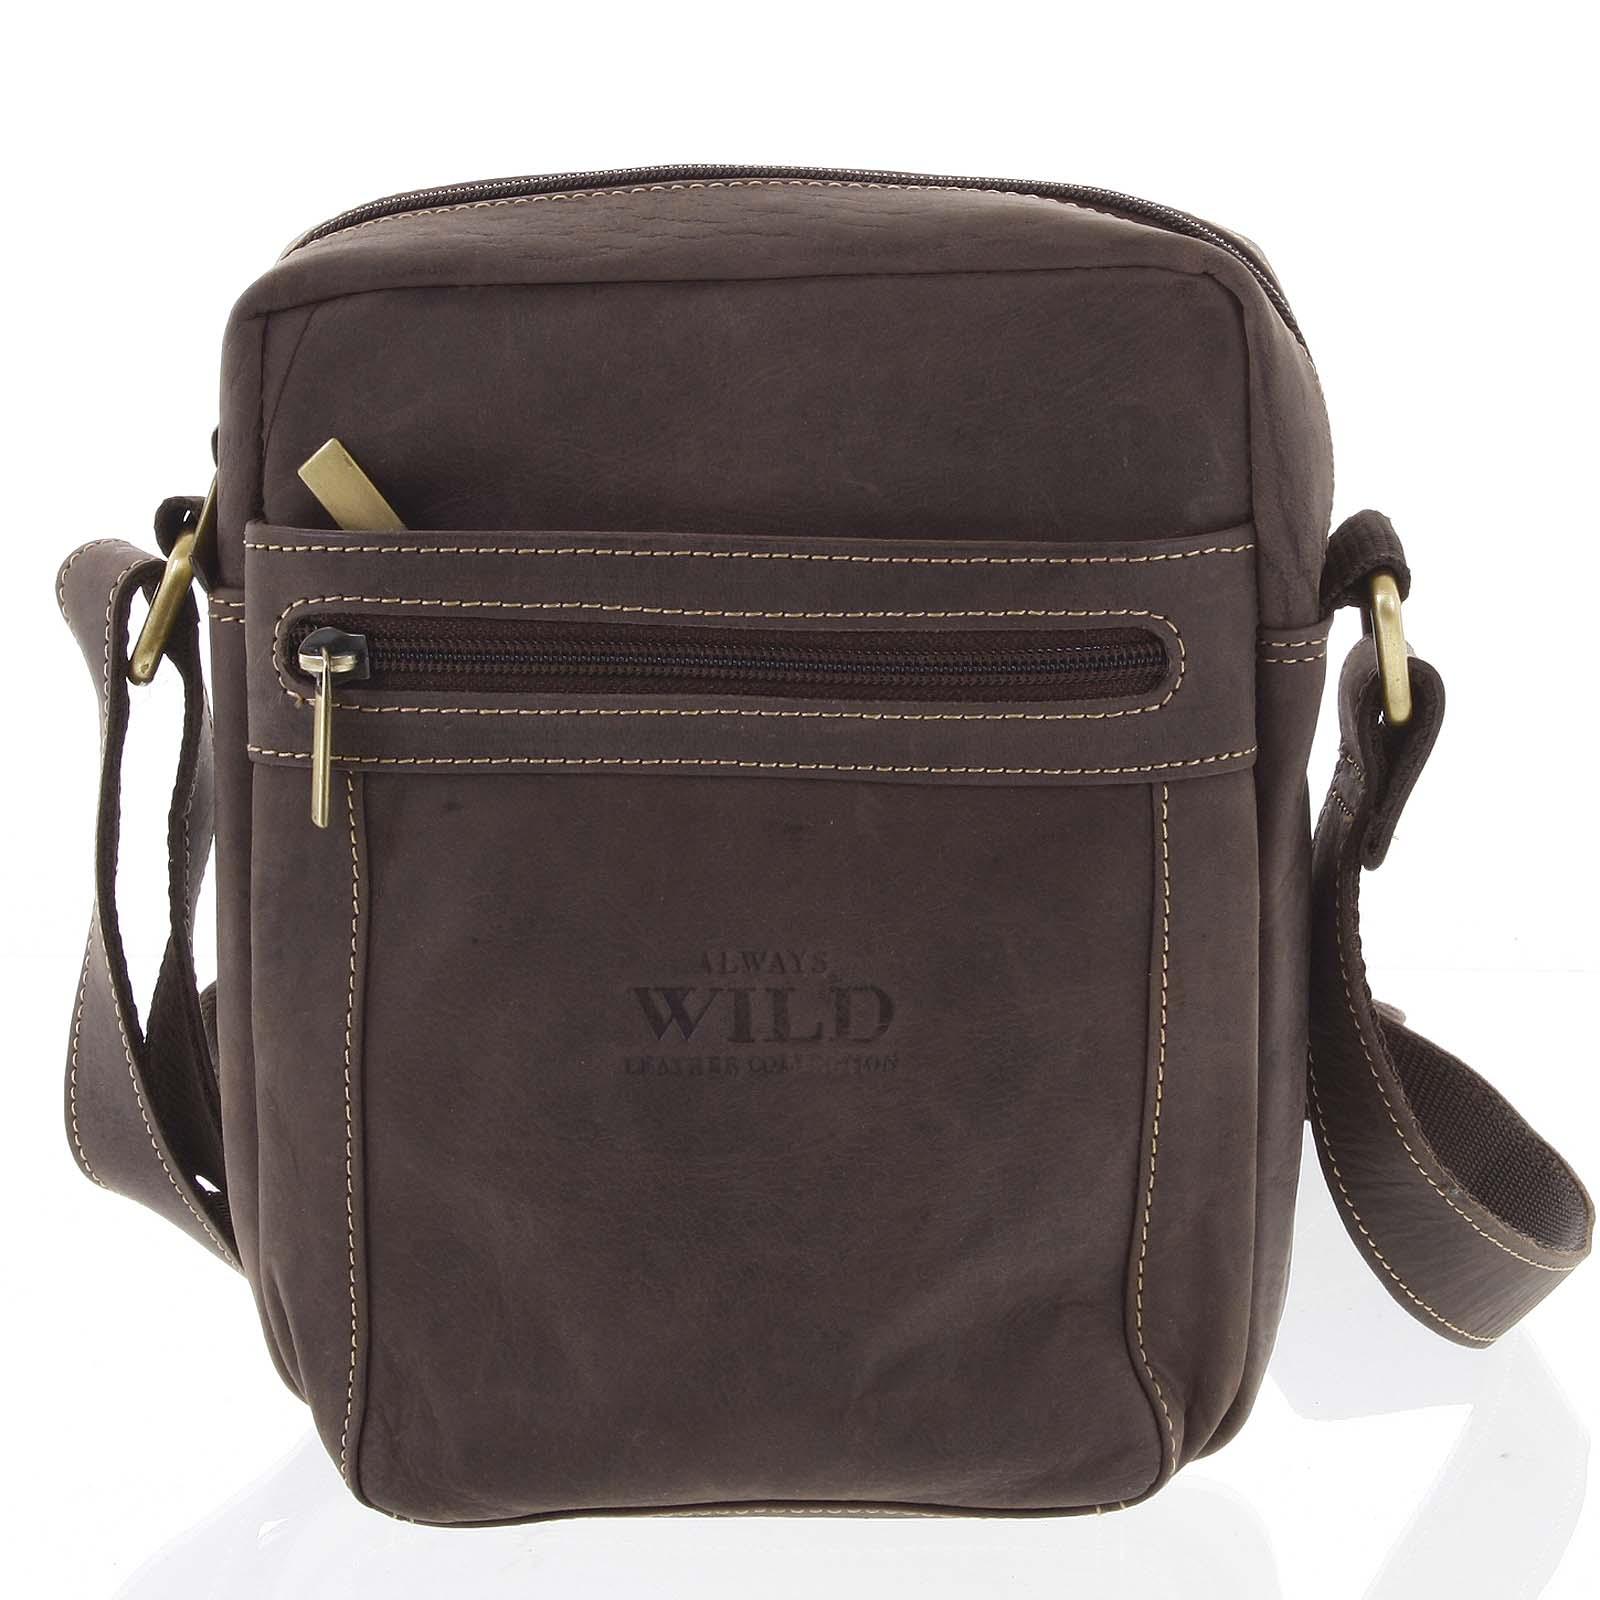 Pánska kožená crossbody taška tmavo hnedá - WILD Abilio hnedá